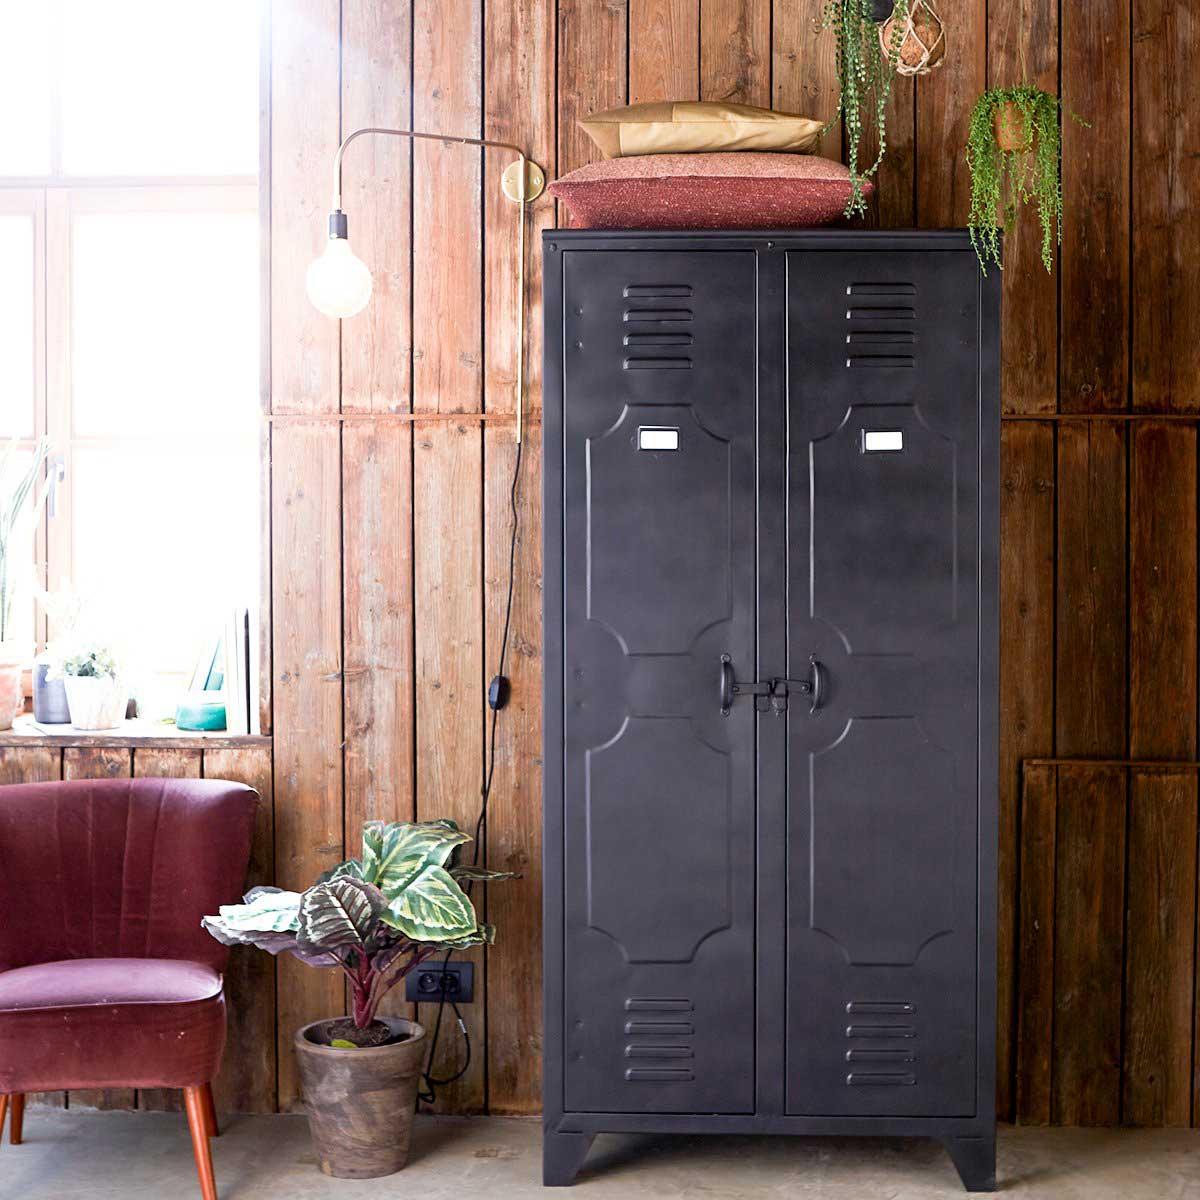 Armoire industrielle : 19 meubles style vestiaire d'usine